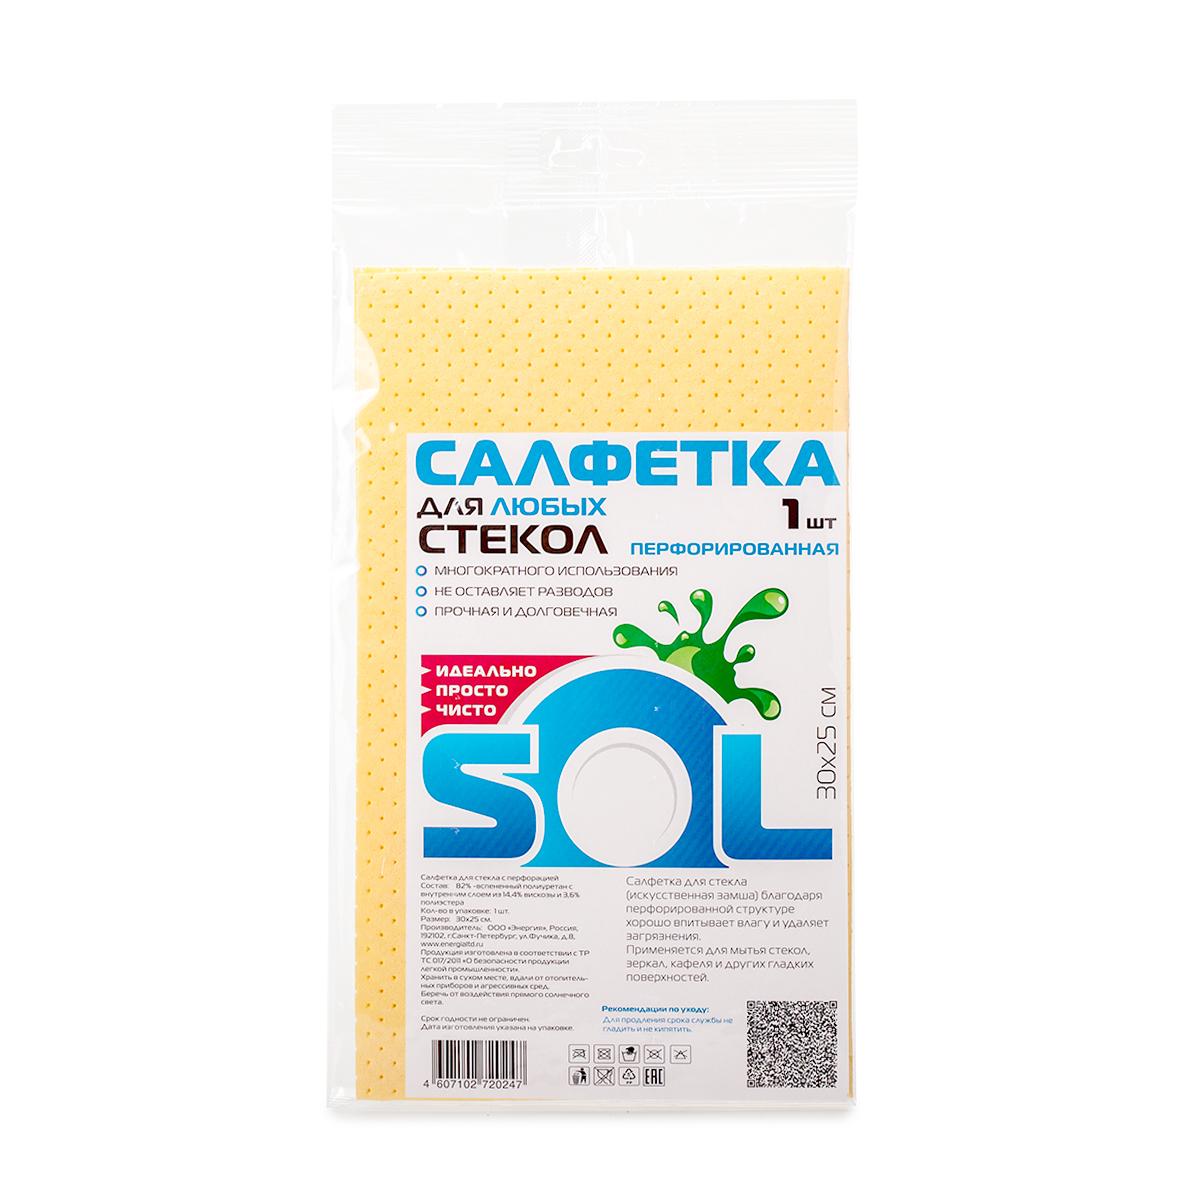 Салфетка для стекол Sol из искусственной замши, перфорированная, 30 х 25 см10010/10051Салфетка Sol из искусственной замши (82% вспененный полиуретан с внутренним слоем из 14,4% вискозы и 3,6% полиэстера) предназначена для мыться стекол, зеркал, кафеля и других гладких поверхностей. Благодаря перфорированной структуре хорошо впитывает влагу и удаляет загрязнения.Рекомендуется ручная стирка.Запрещено гладить и кипятить.